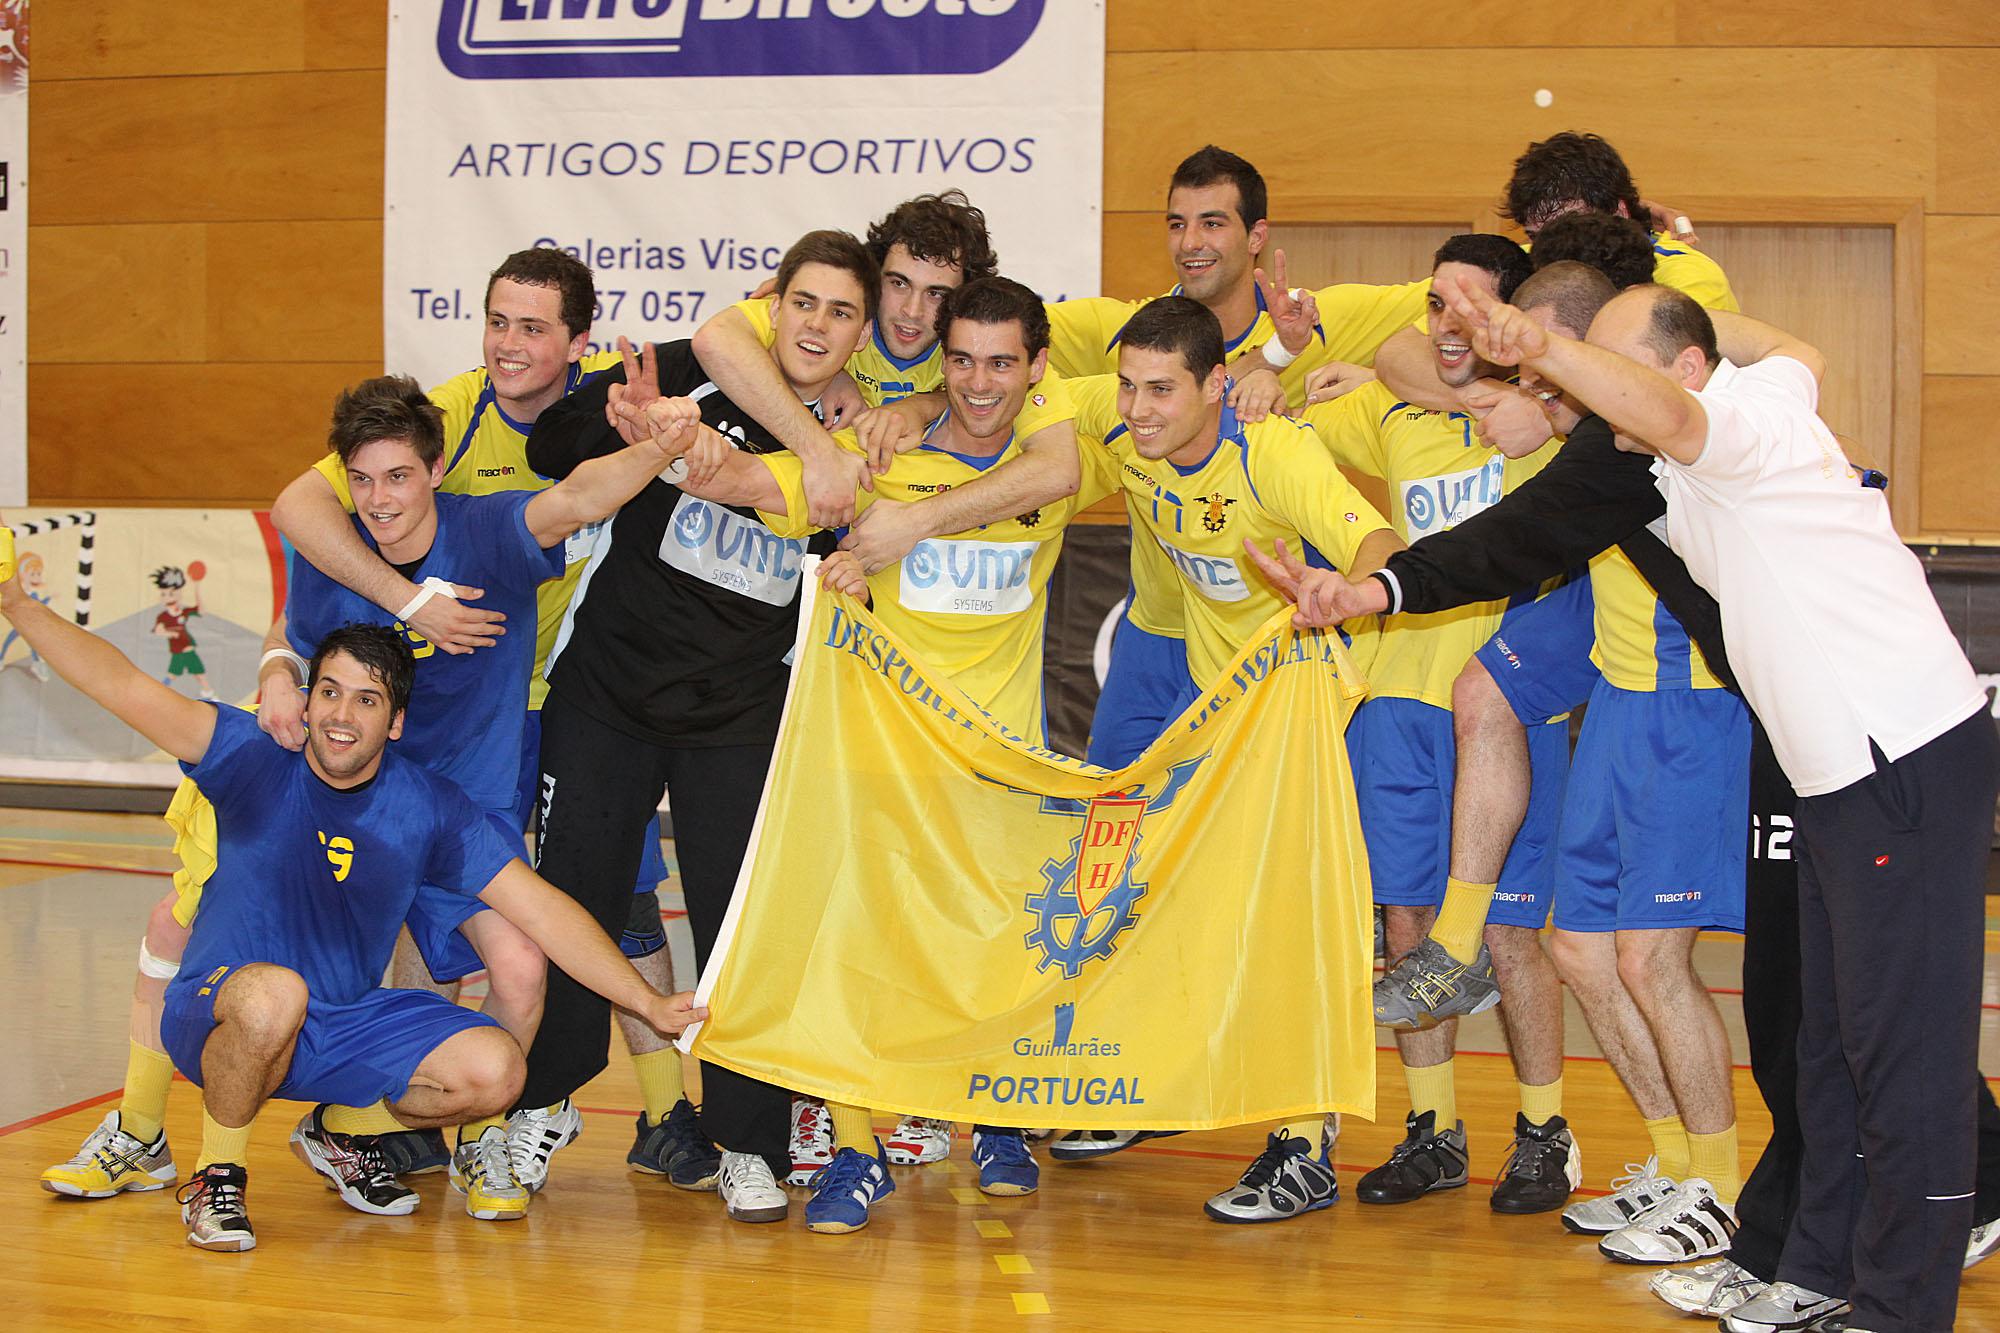 DF Holanda - Campeão Nacional 1ª Divisão Seniores Masculinos